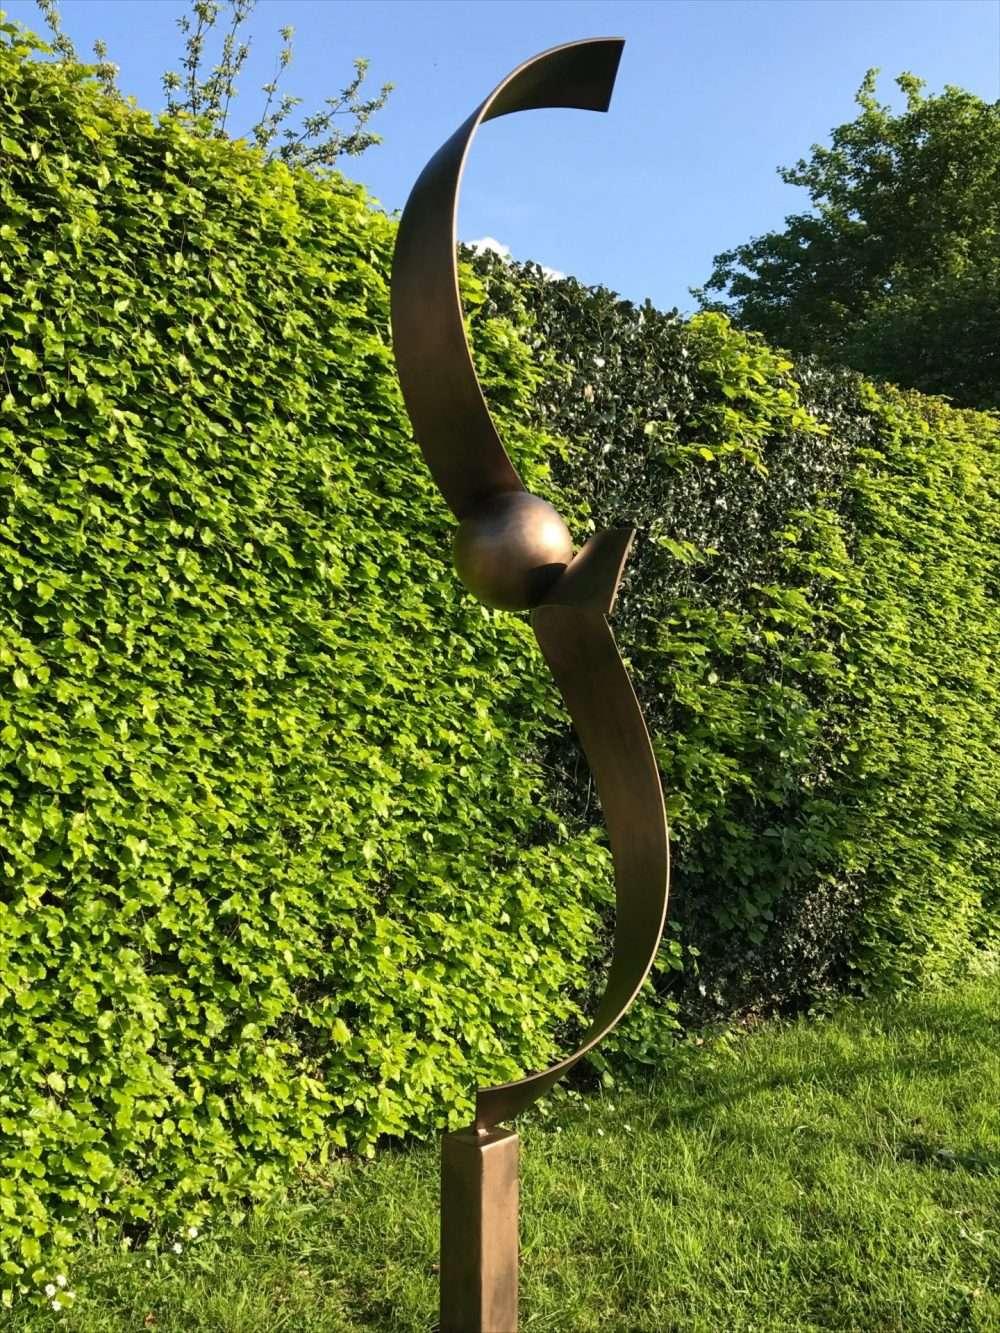 Spiral Structure In A Garden